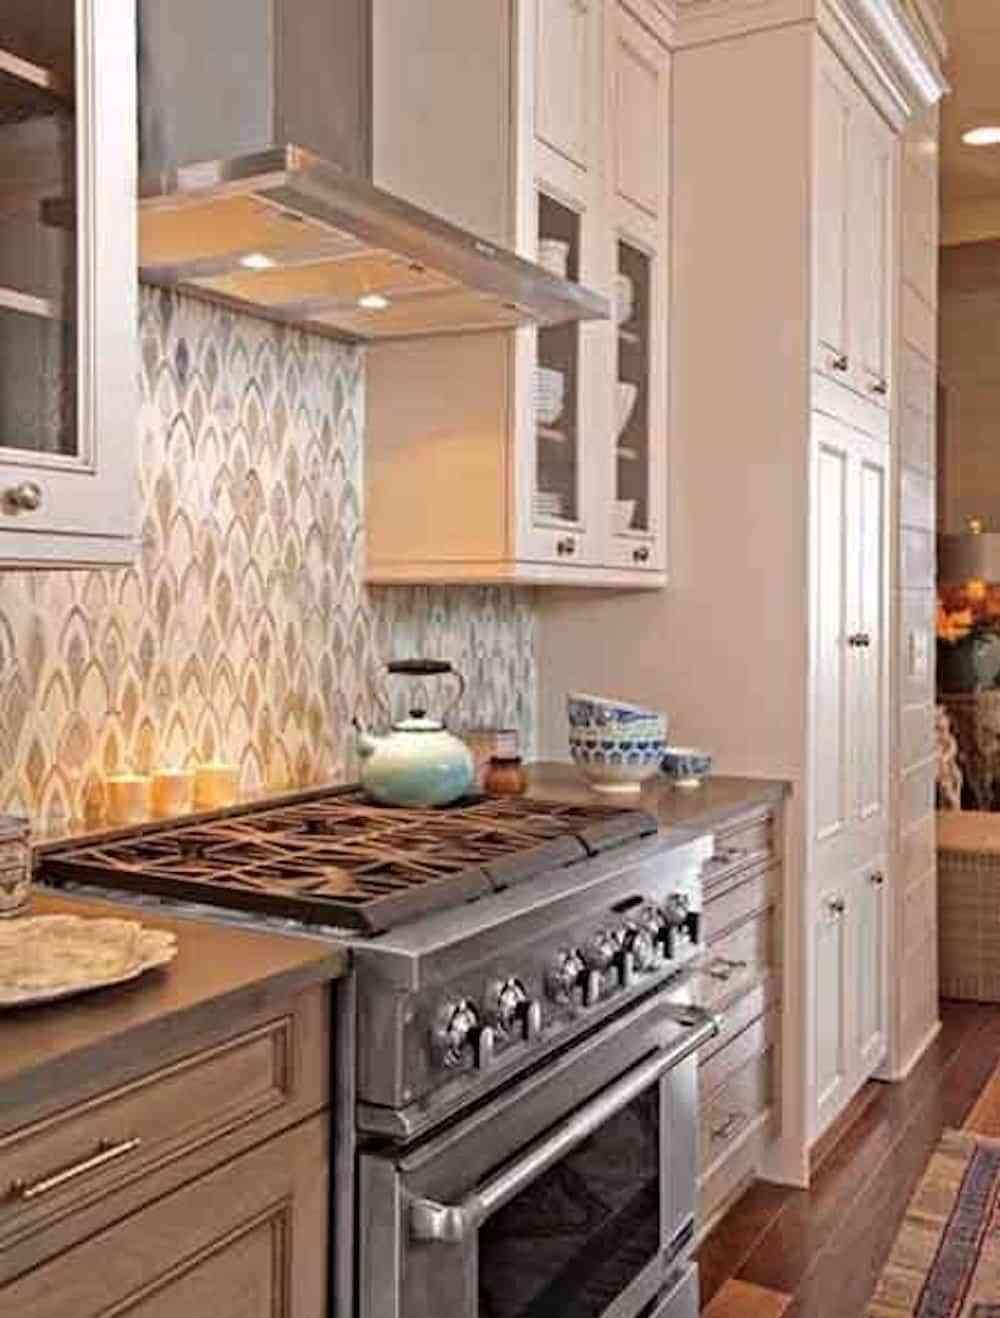 3 aspectos b sicos a tener en cuenta al decorar la cocina for Muebles de cocina basicos